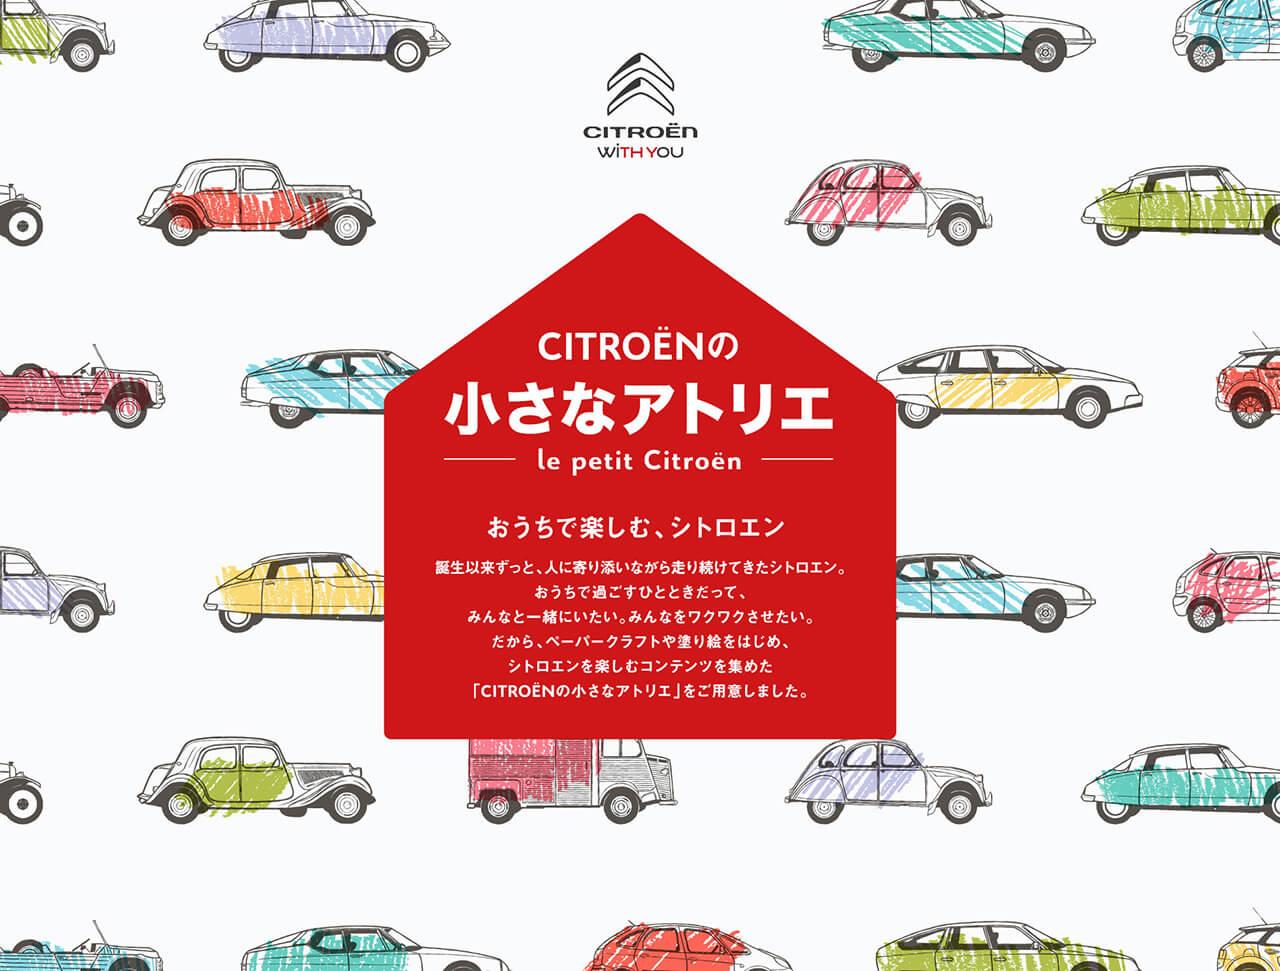 グループPSAジャパンが自宅で楽しめる「シトロエンの小さなアトリエ」を公開中!